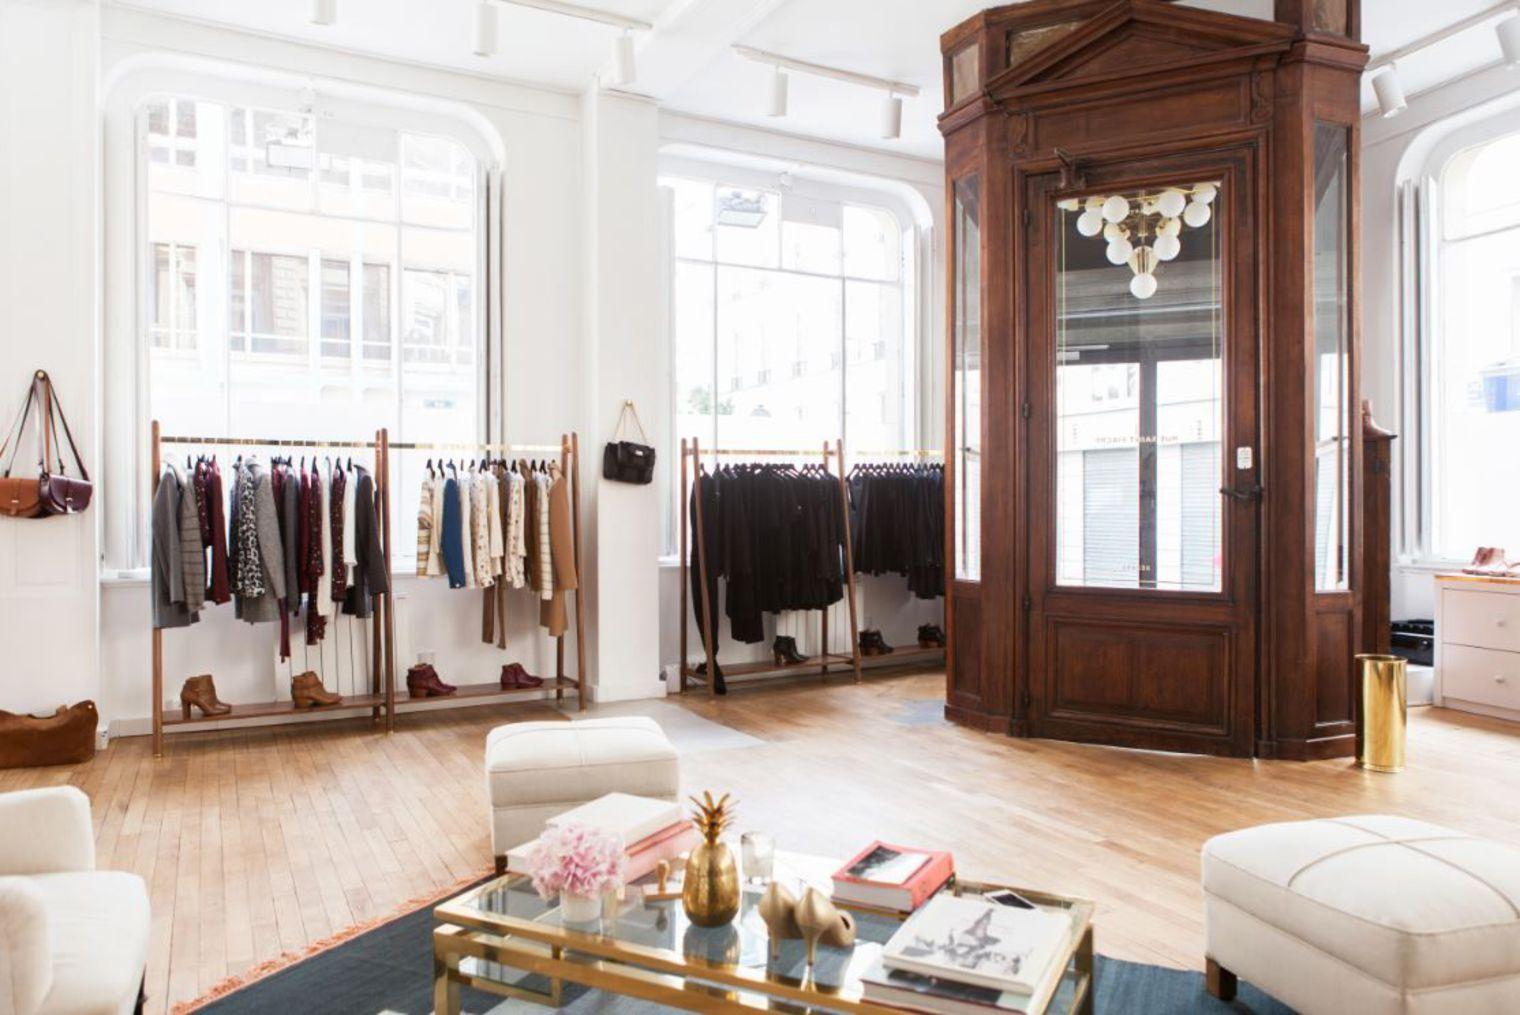 Location appartement Aix-en-Provence: entre particuliers